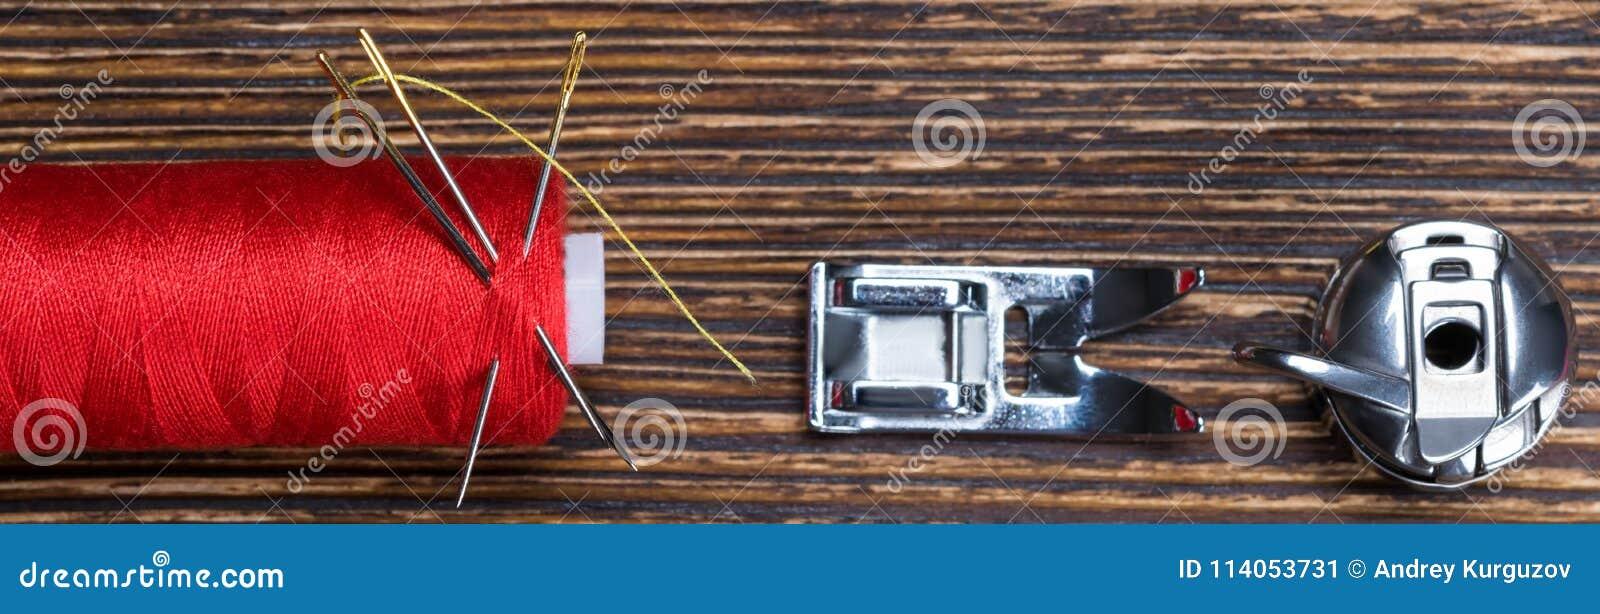 Fil rouge de bobine sur un fond en bois, avec un ensemble de pièces de rechange pour une machine à coudre